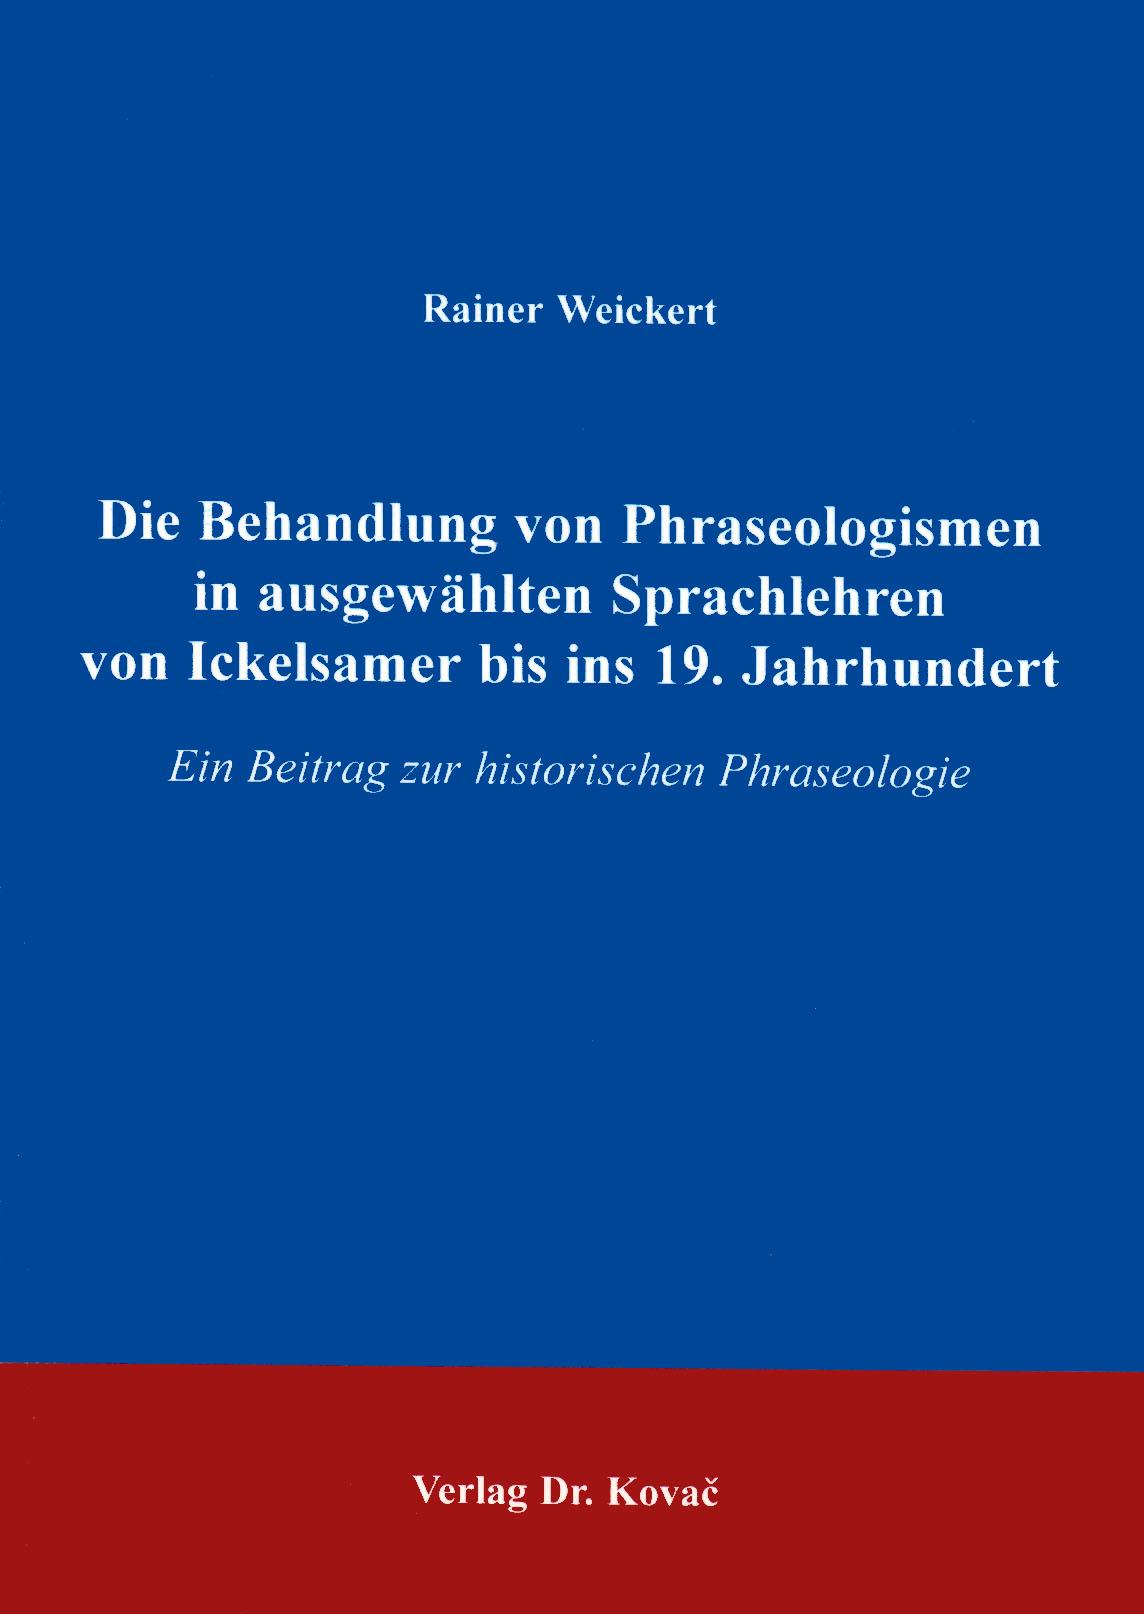 Cover: Die Behandlung von Phraseologismen in ausgewählten Sprachlehren von Ickelsamer bis ins 19. Jahrhundert